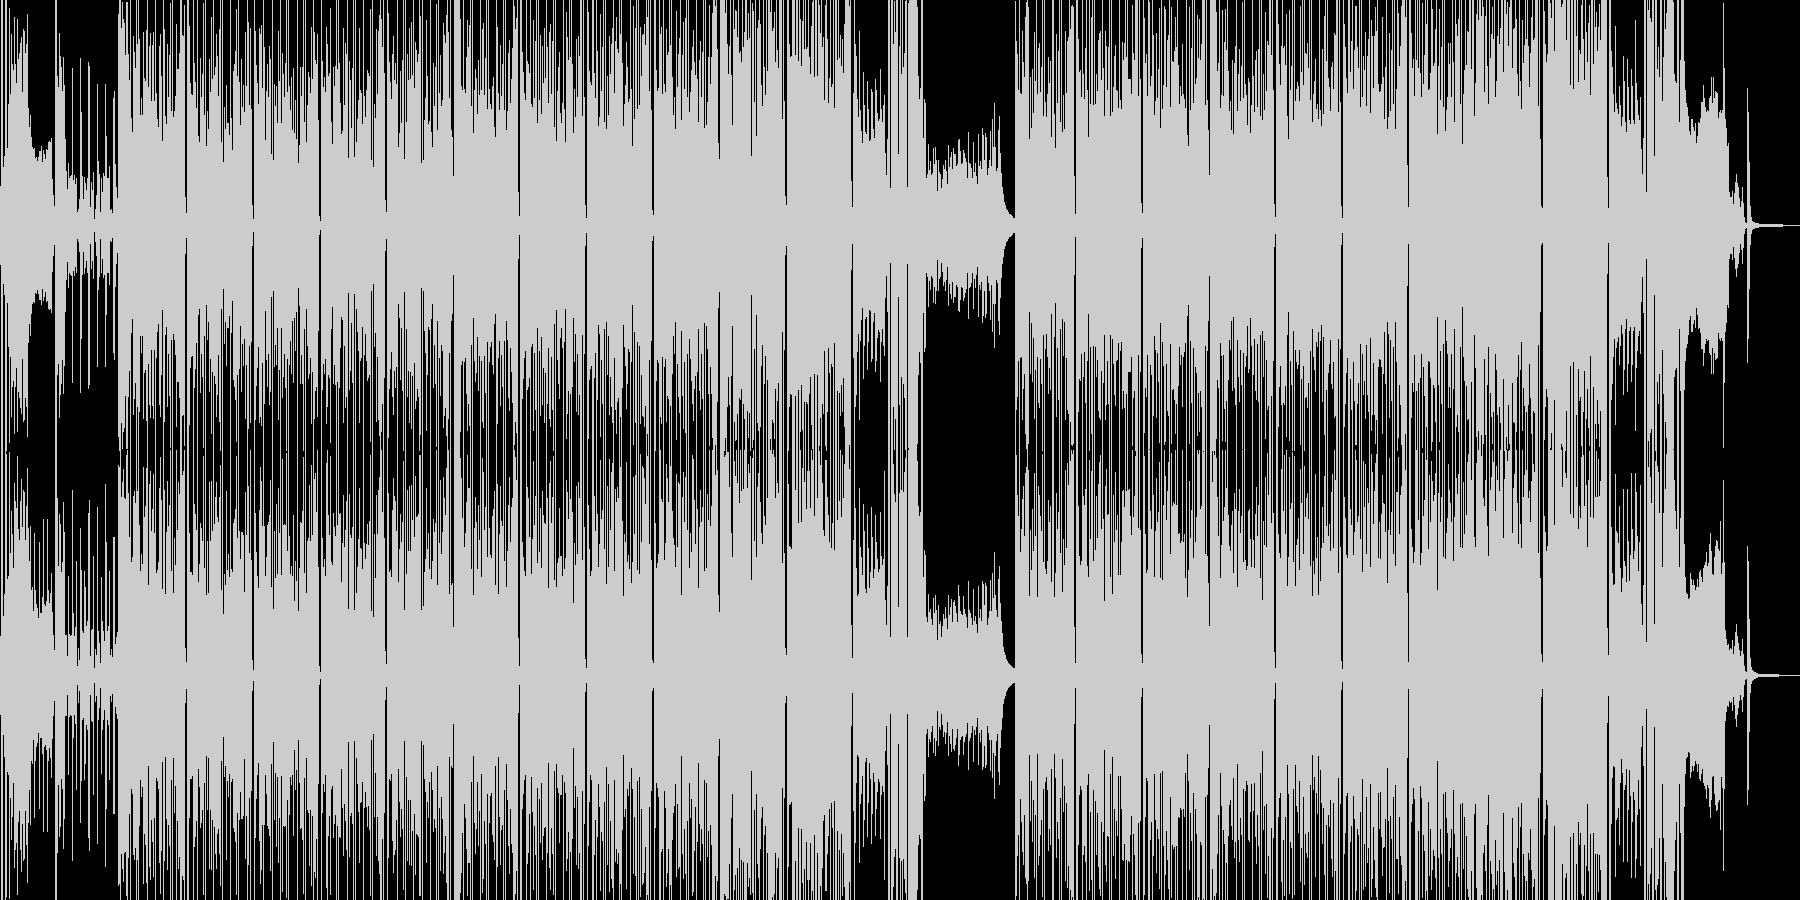 わいわい騒いでいるようなブラスR&Bの未再生の波形